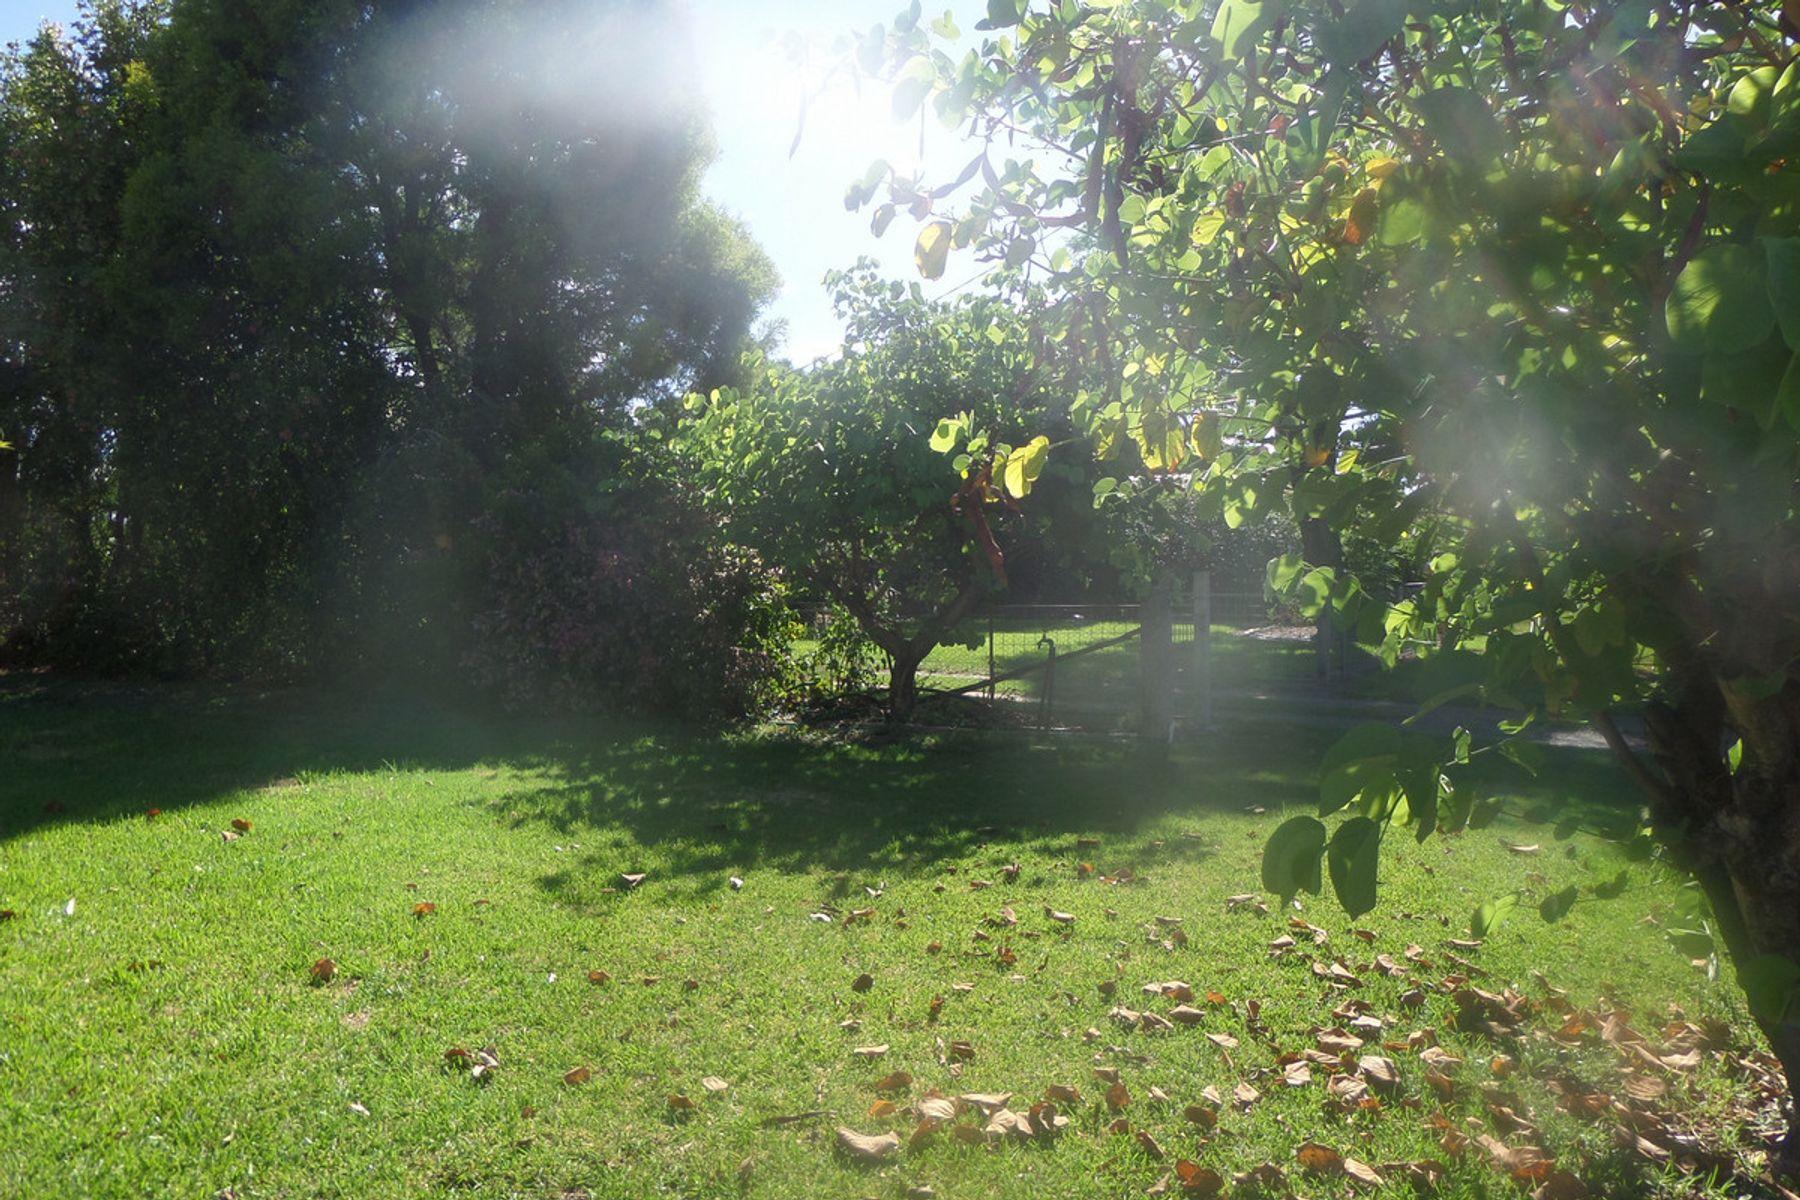 GOONDIWINDI